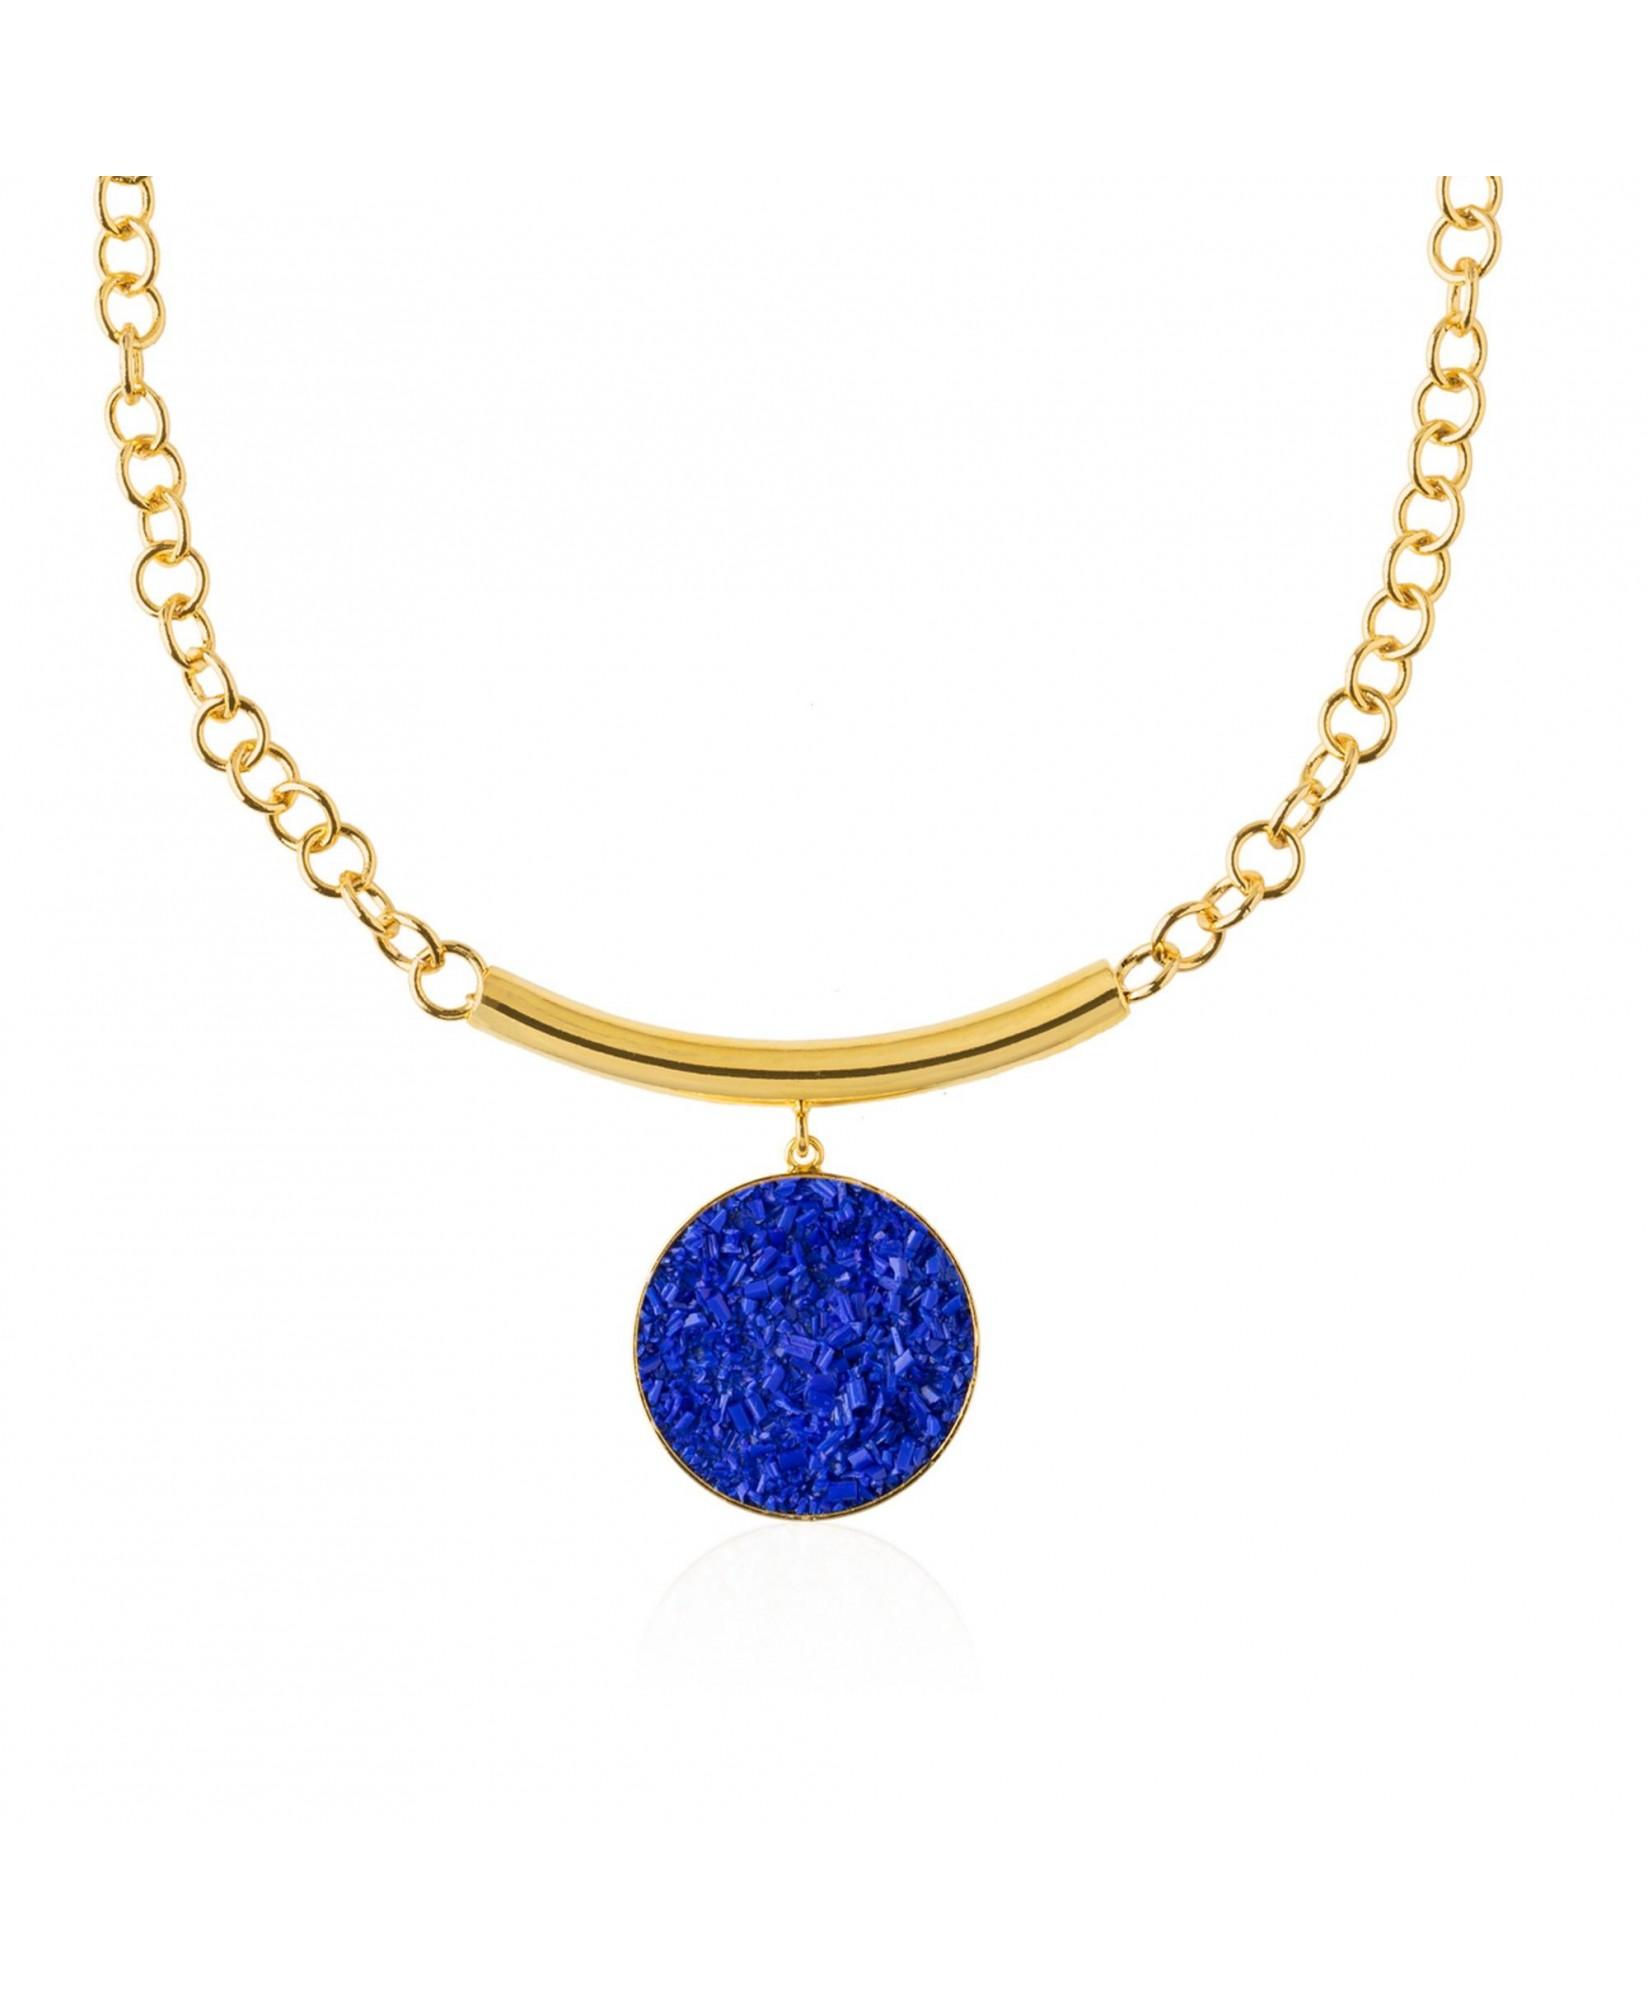 Collar oro con colgante de nácar azul Selene Collar oro con colgante de nácar azul Selene